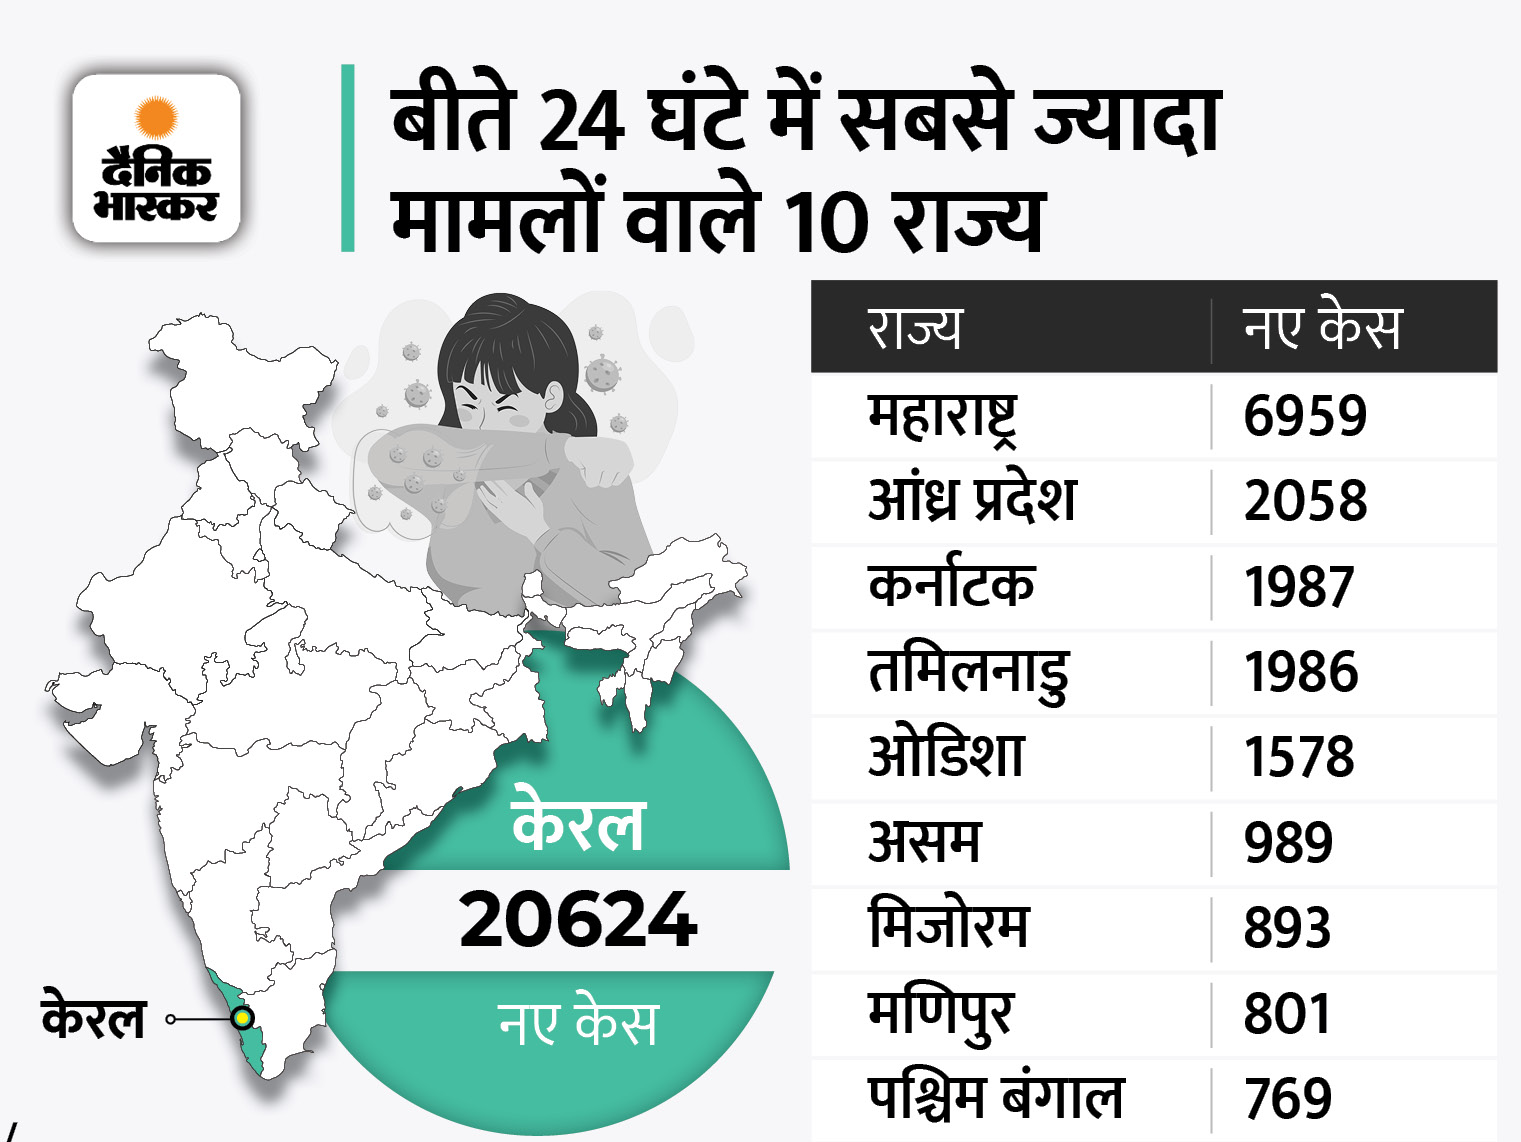 बीते दिन 41786 नए मरीज मिले, 39304 ठीक हुए और 542 की मौत; केरल में लगातार 5वें दिन 20 हजार से ज्यादा केस|देश,National - Dainik Bhaskar